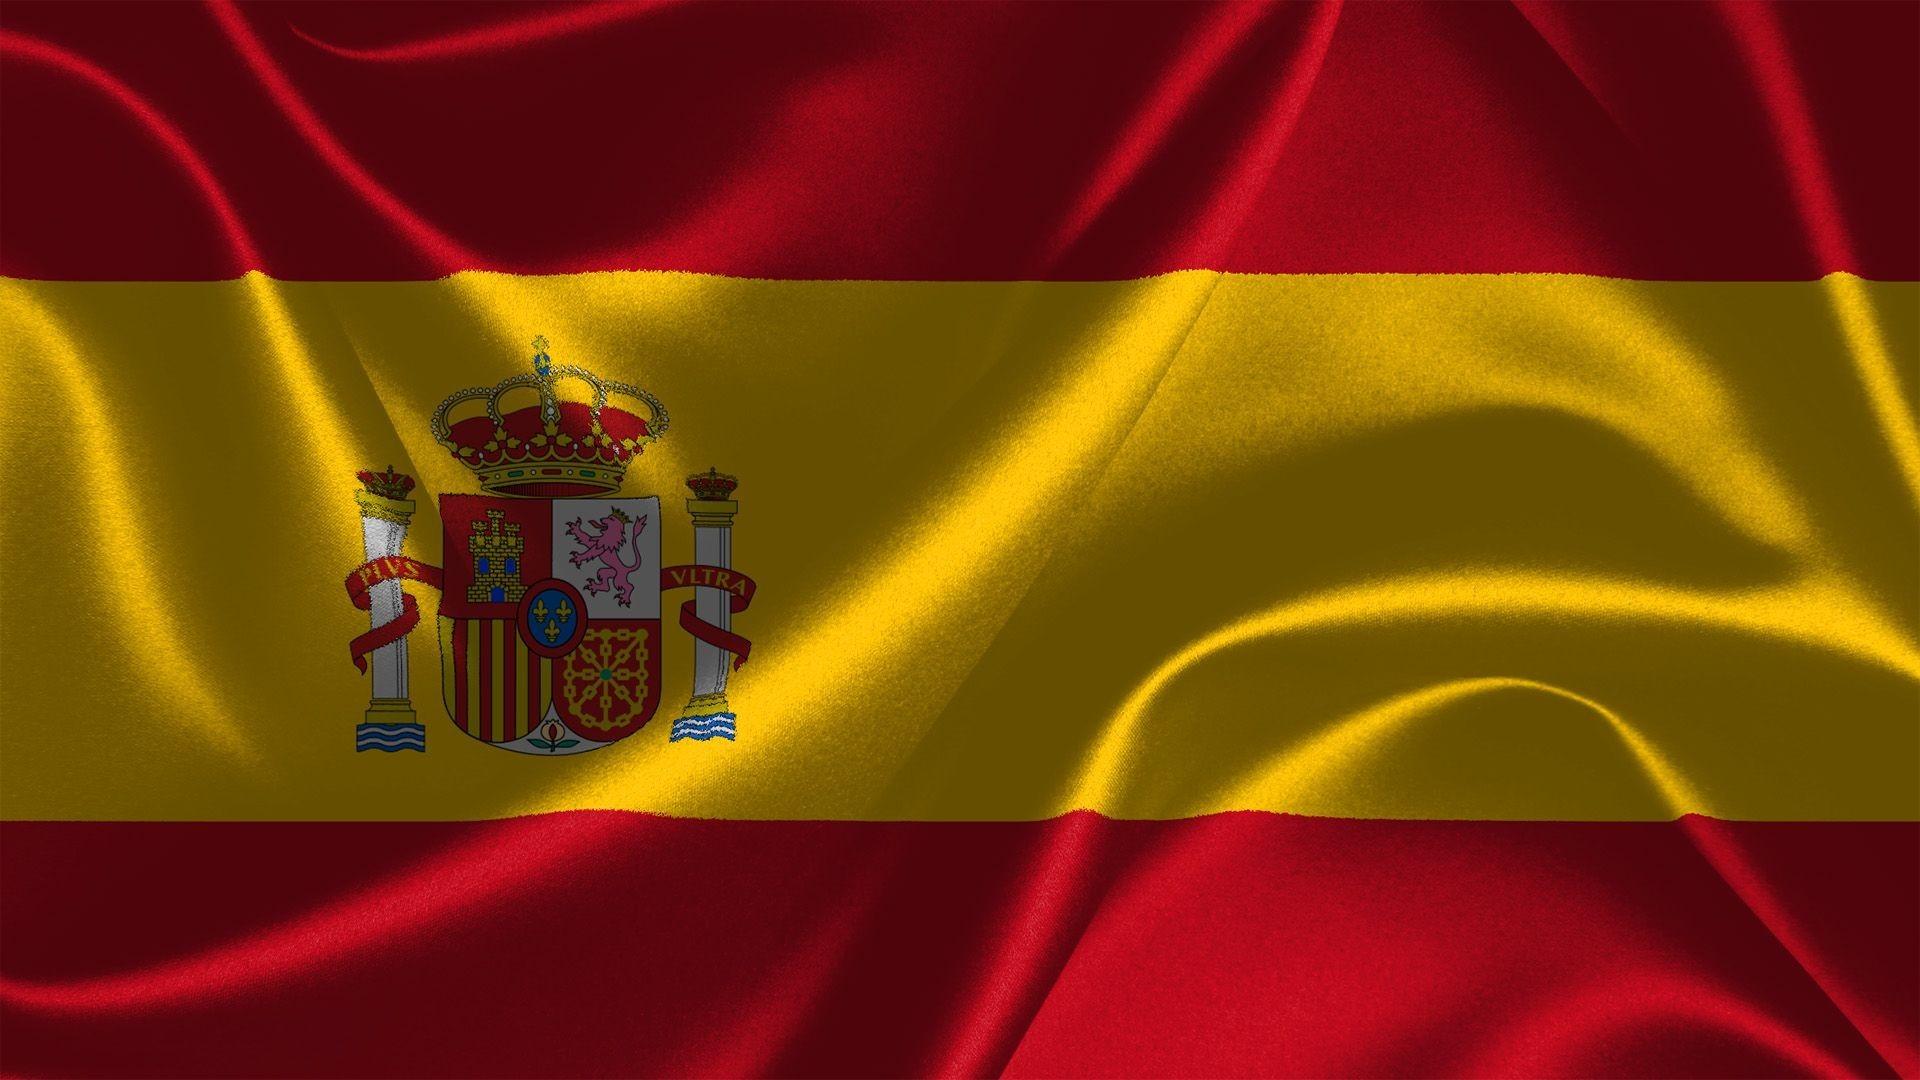 испанский флаг фото в хорошем качестве стилевые решения интерьера